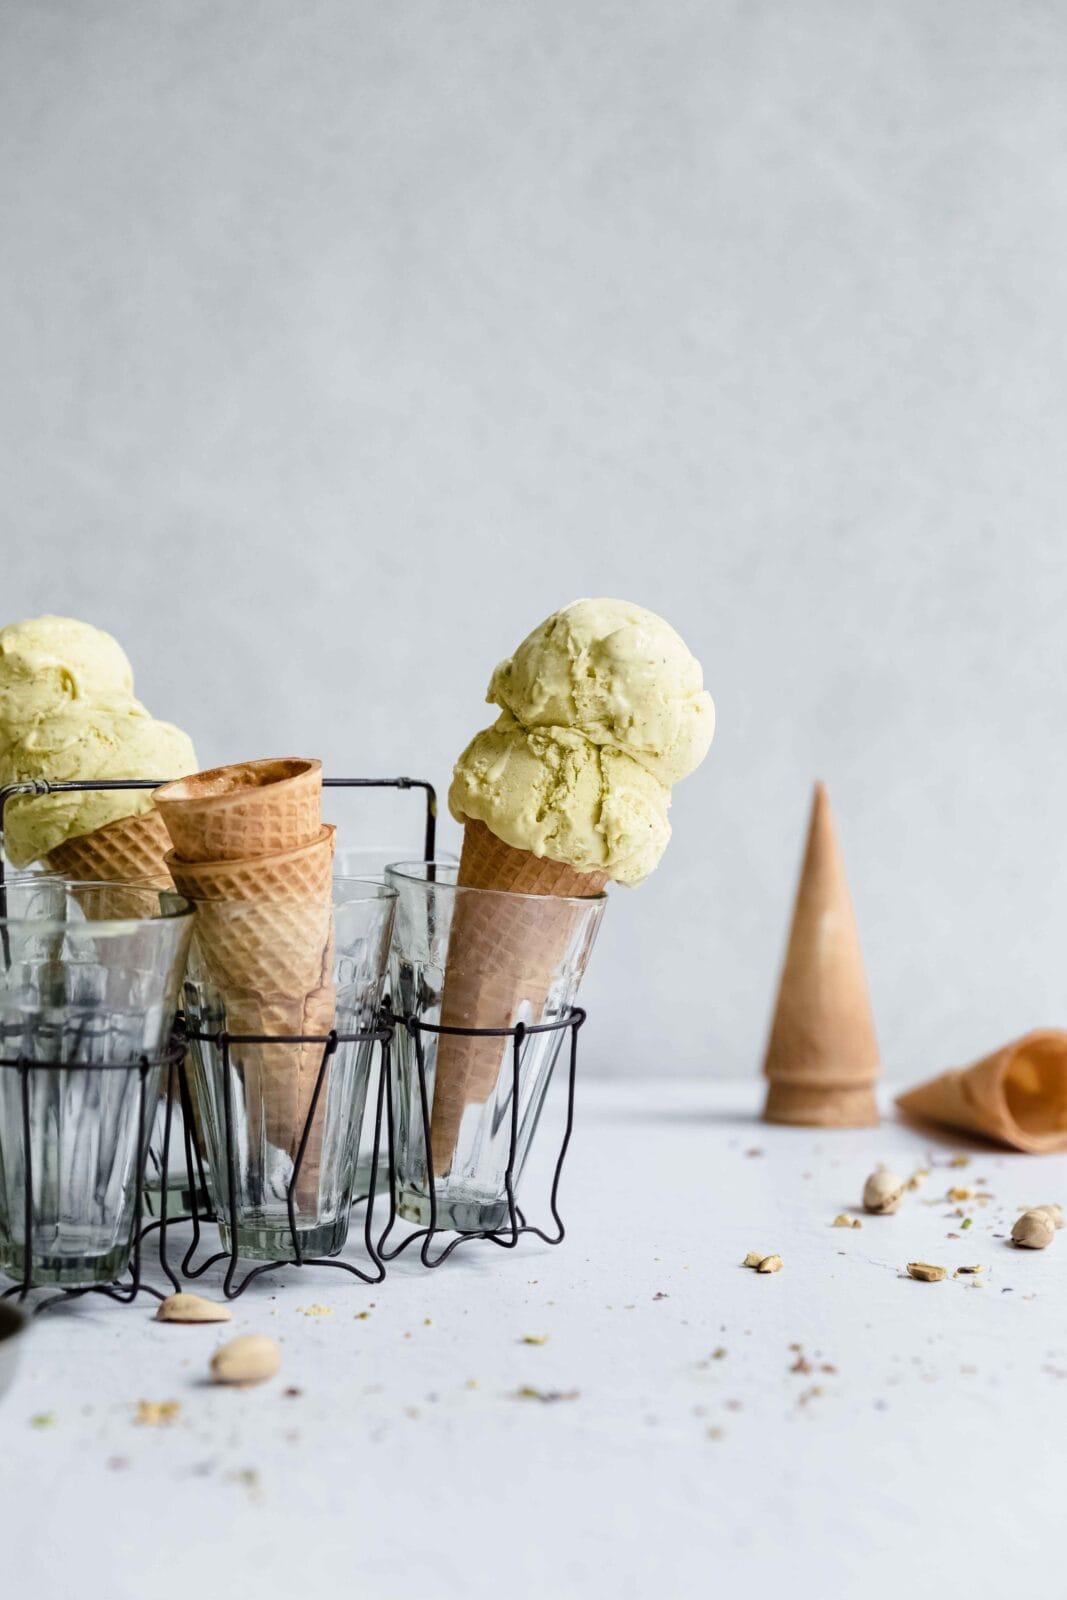 pistachio ice cream in sugar cones